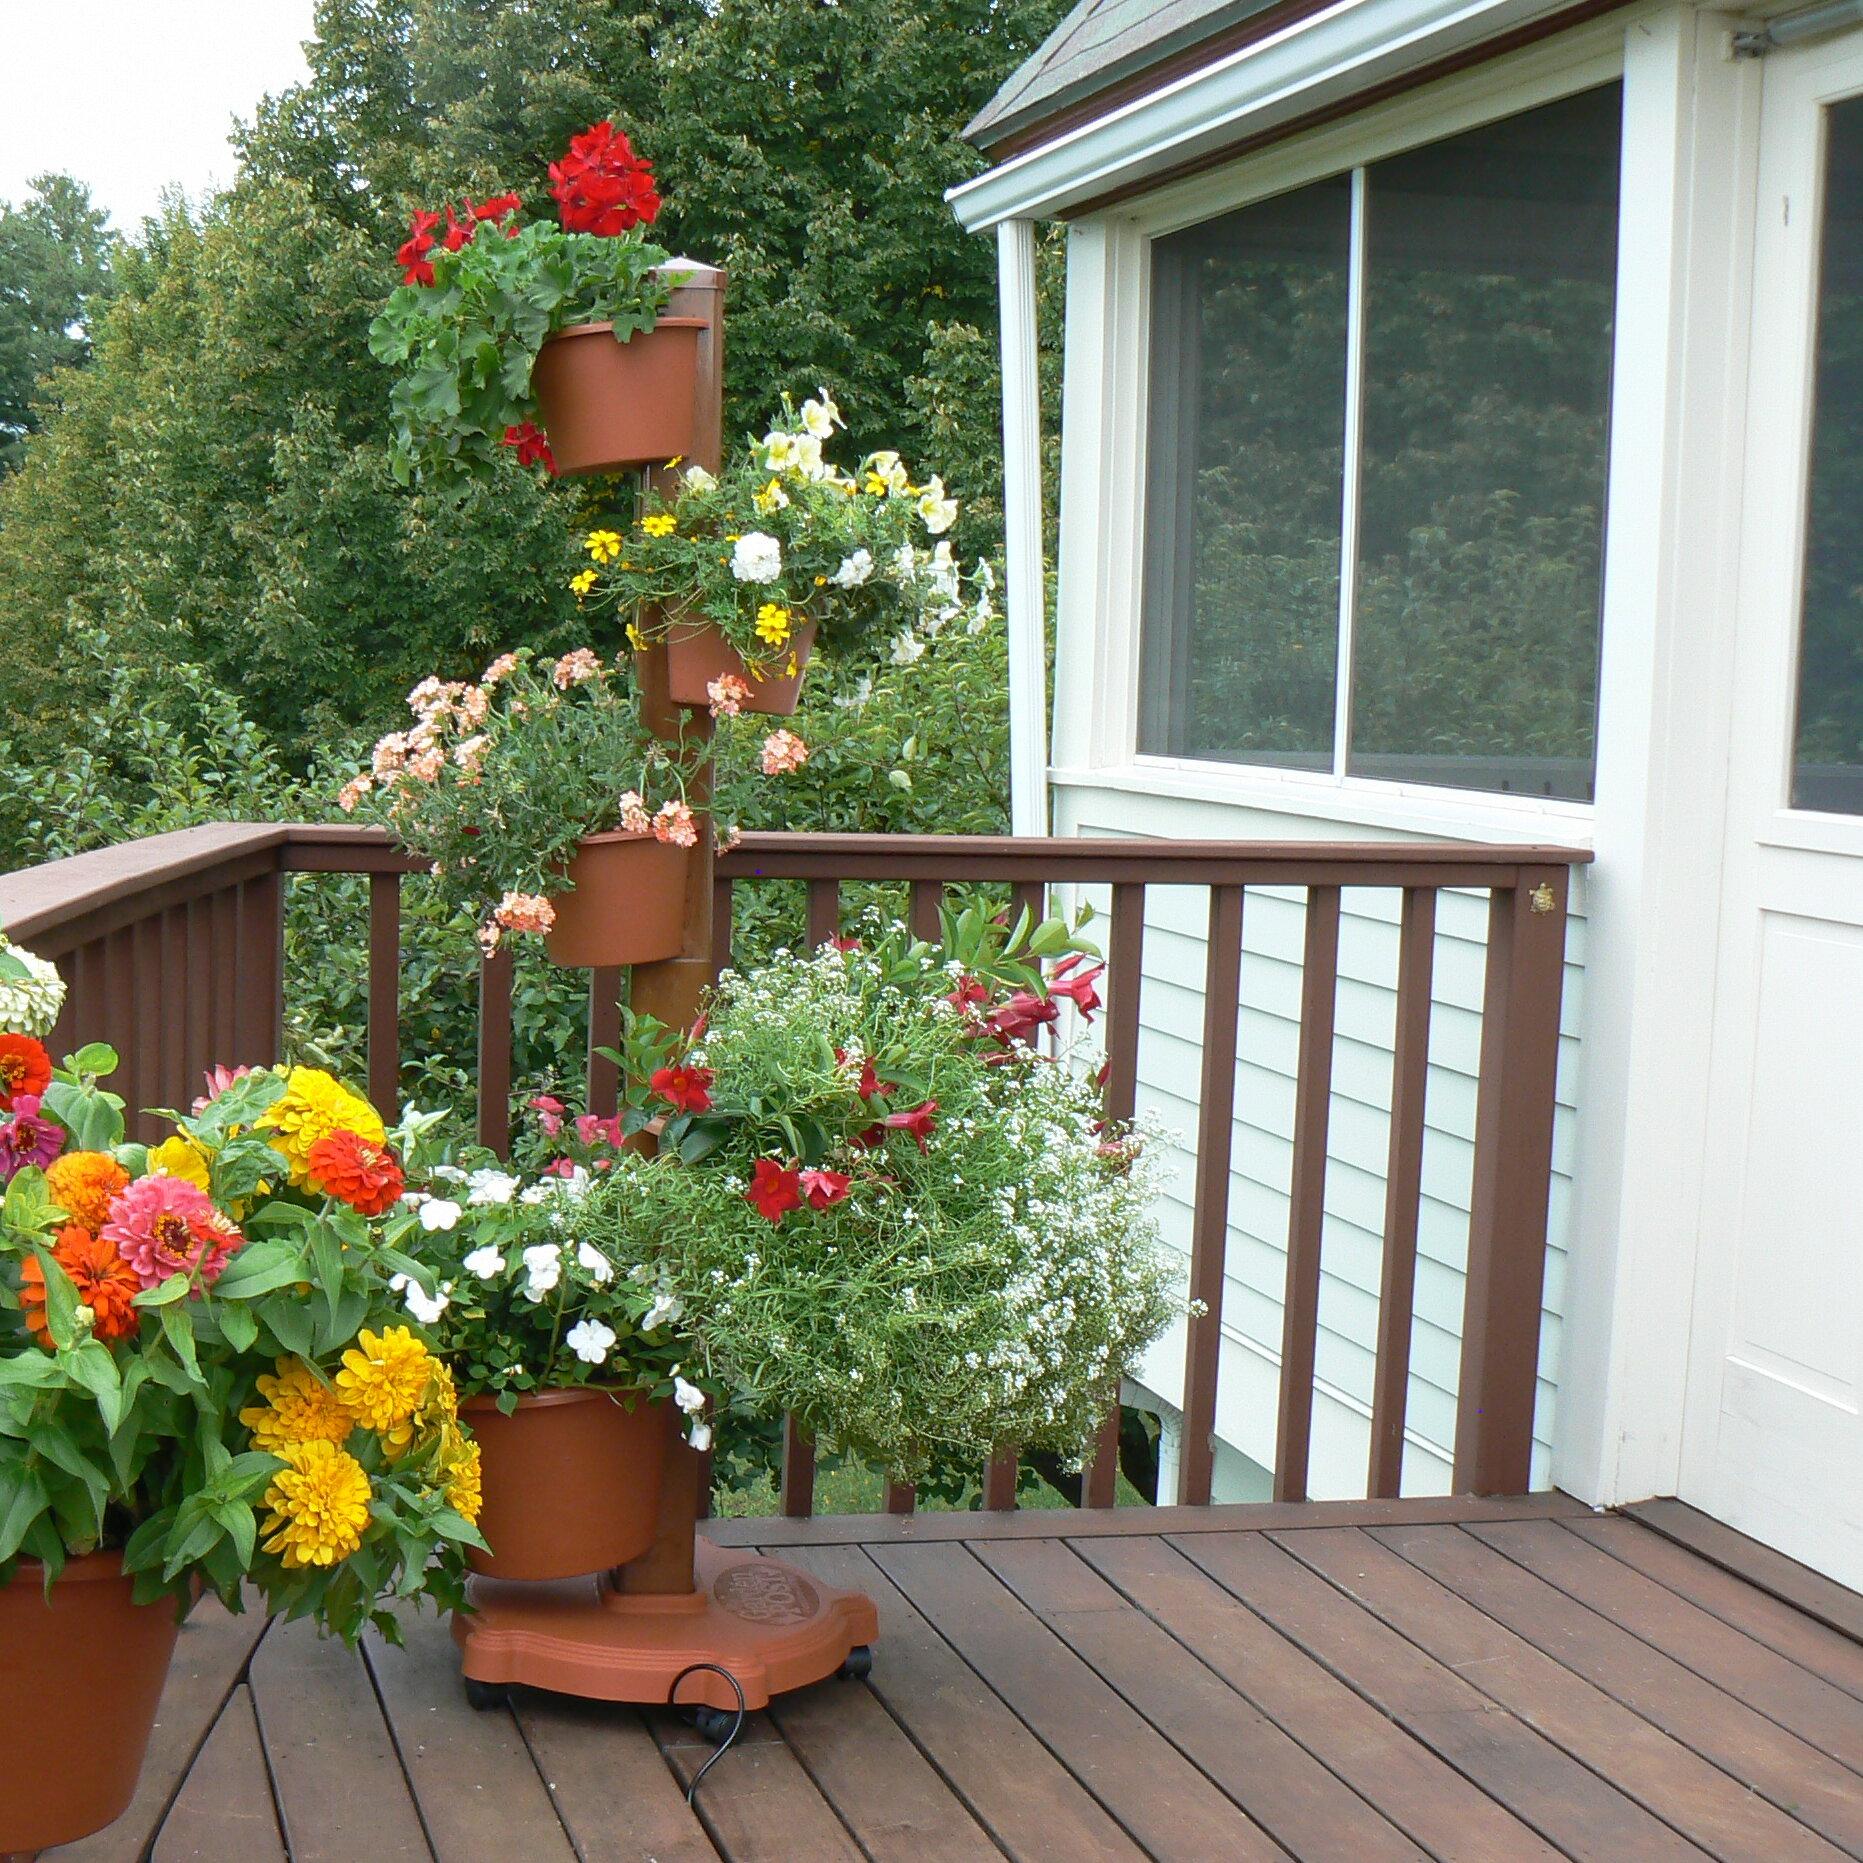 vertical garden outdoor amazon dp planter algreen view wall com living